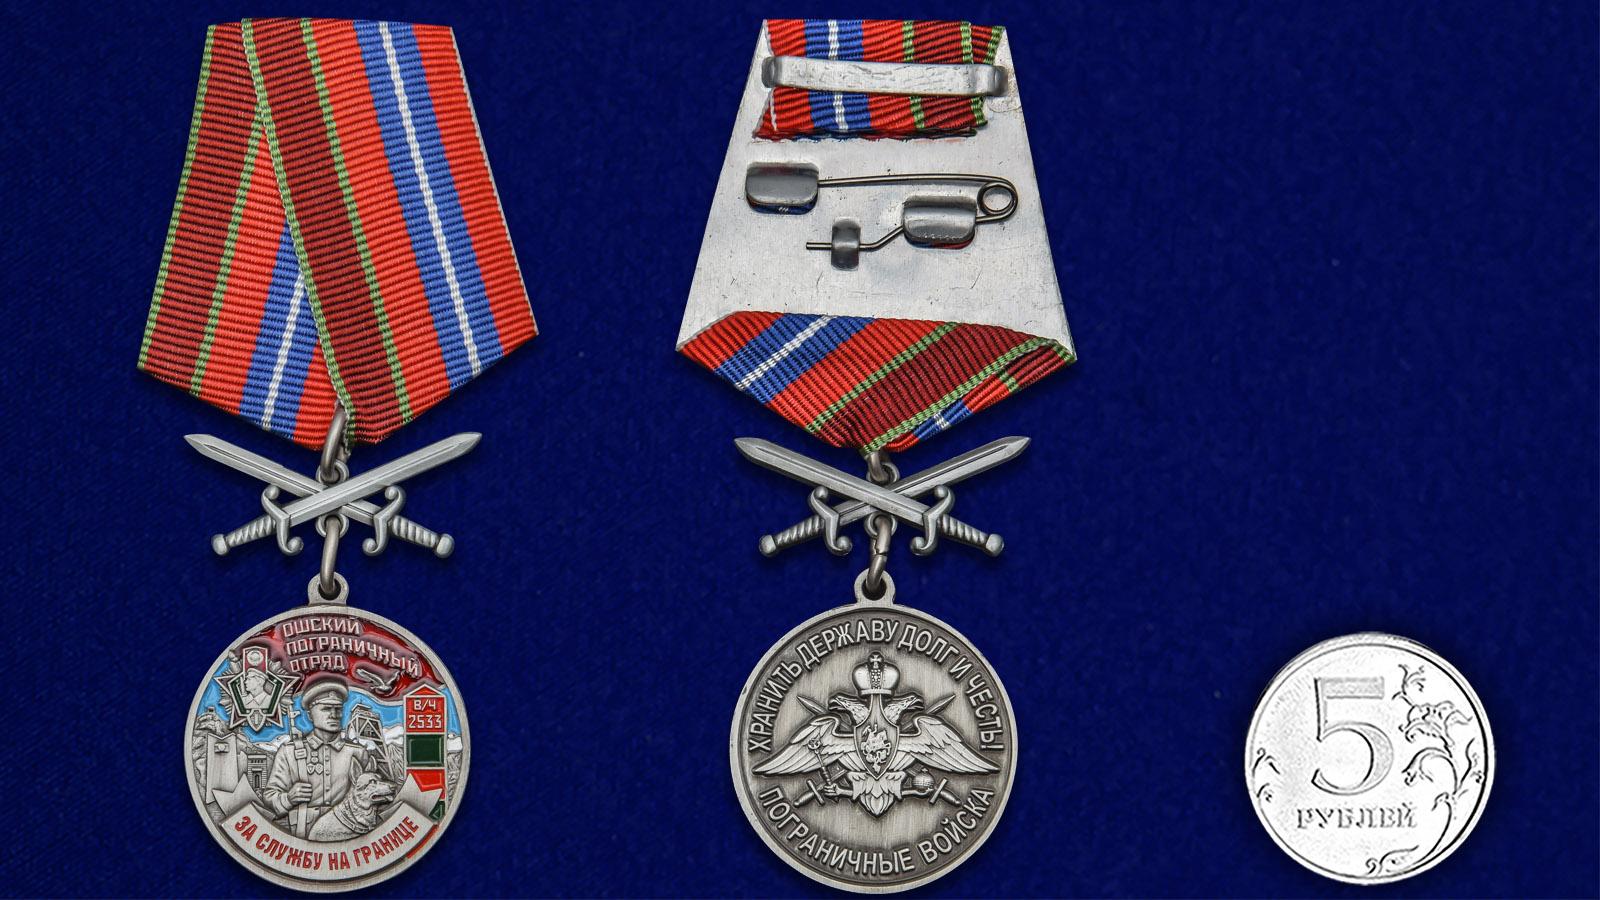 Памятная медаль За службу в Ошском пограничном отряде - сравнительный вид